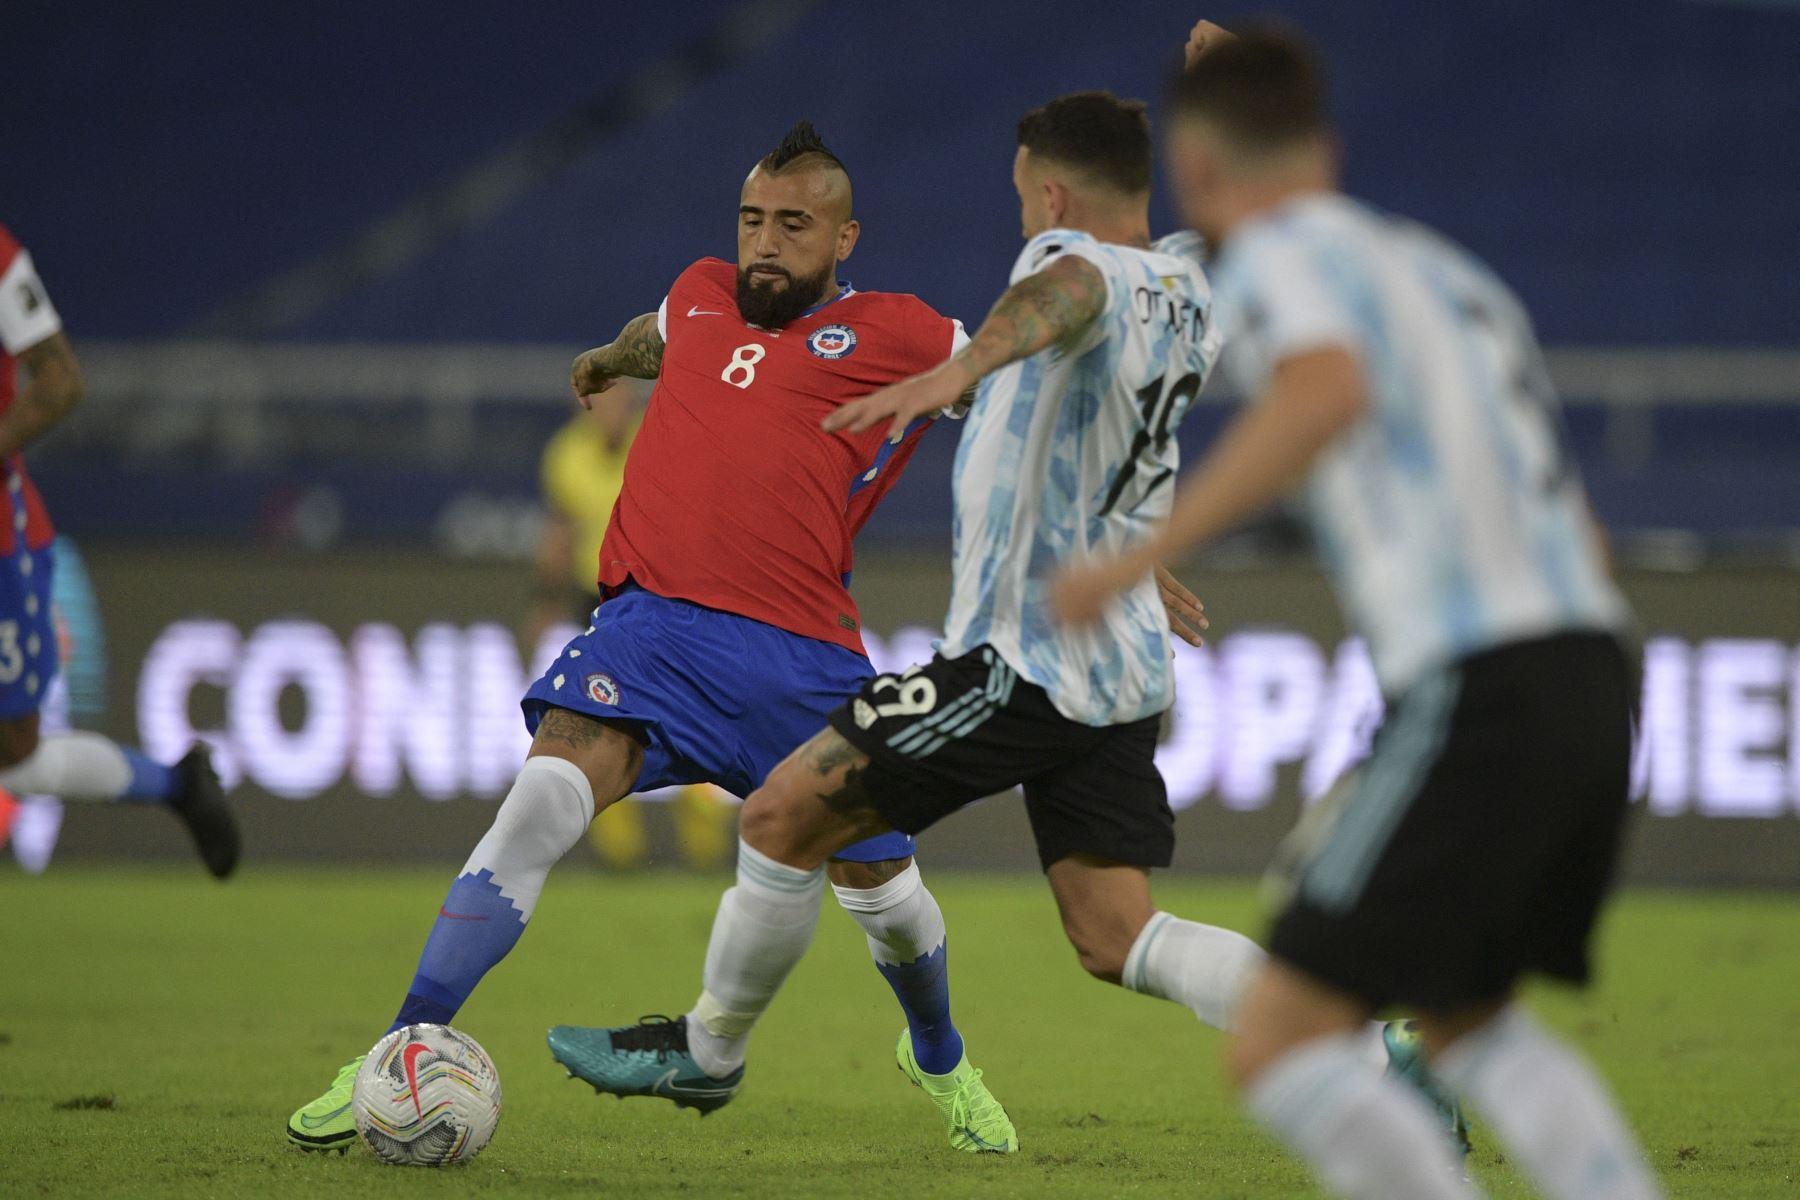 El chileno Arturo Vidal y el argentino Nicolás Otamendi compiten por el balón durante el partido de la fase de grupos del torneo de fútbol Conmebol Copa América 2021 en el Estadio Nilton Santos en Río de Janeiro, Brasil. Foto: AFP